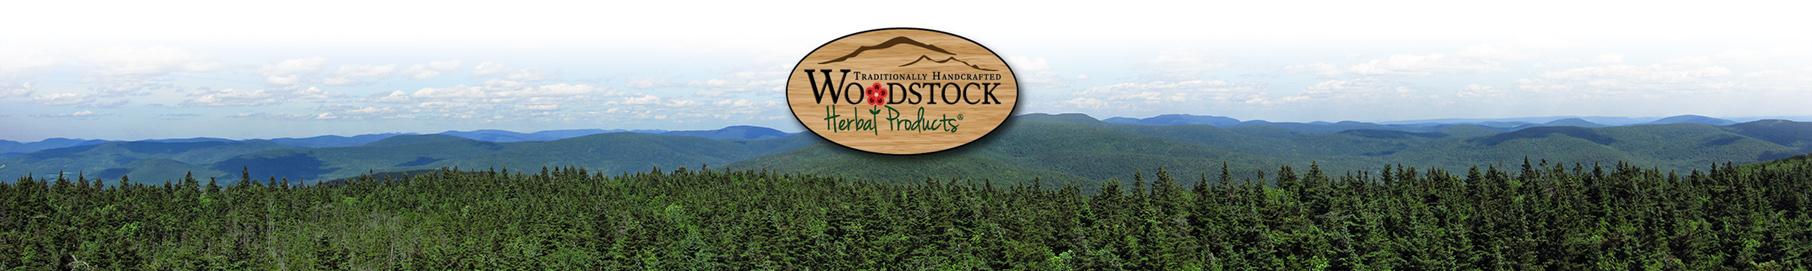 Woodstock_Mountains_Footer_3.jpg